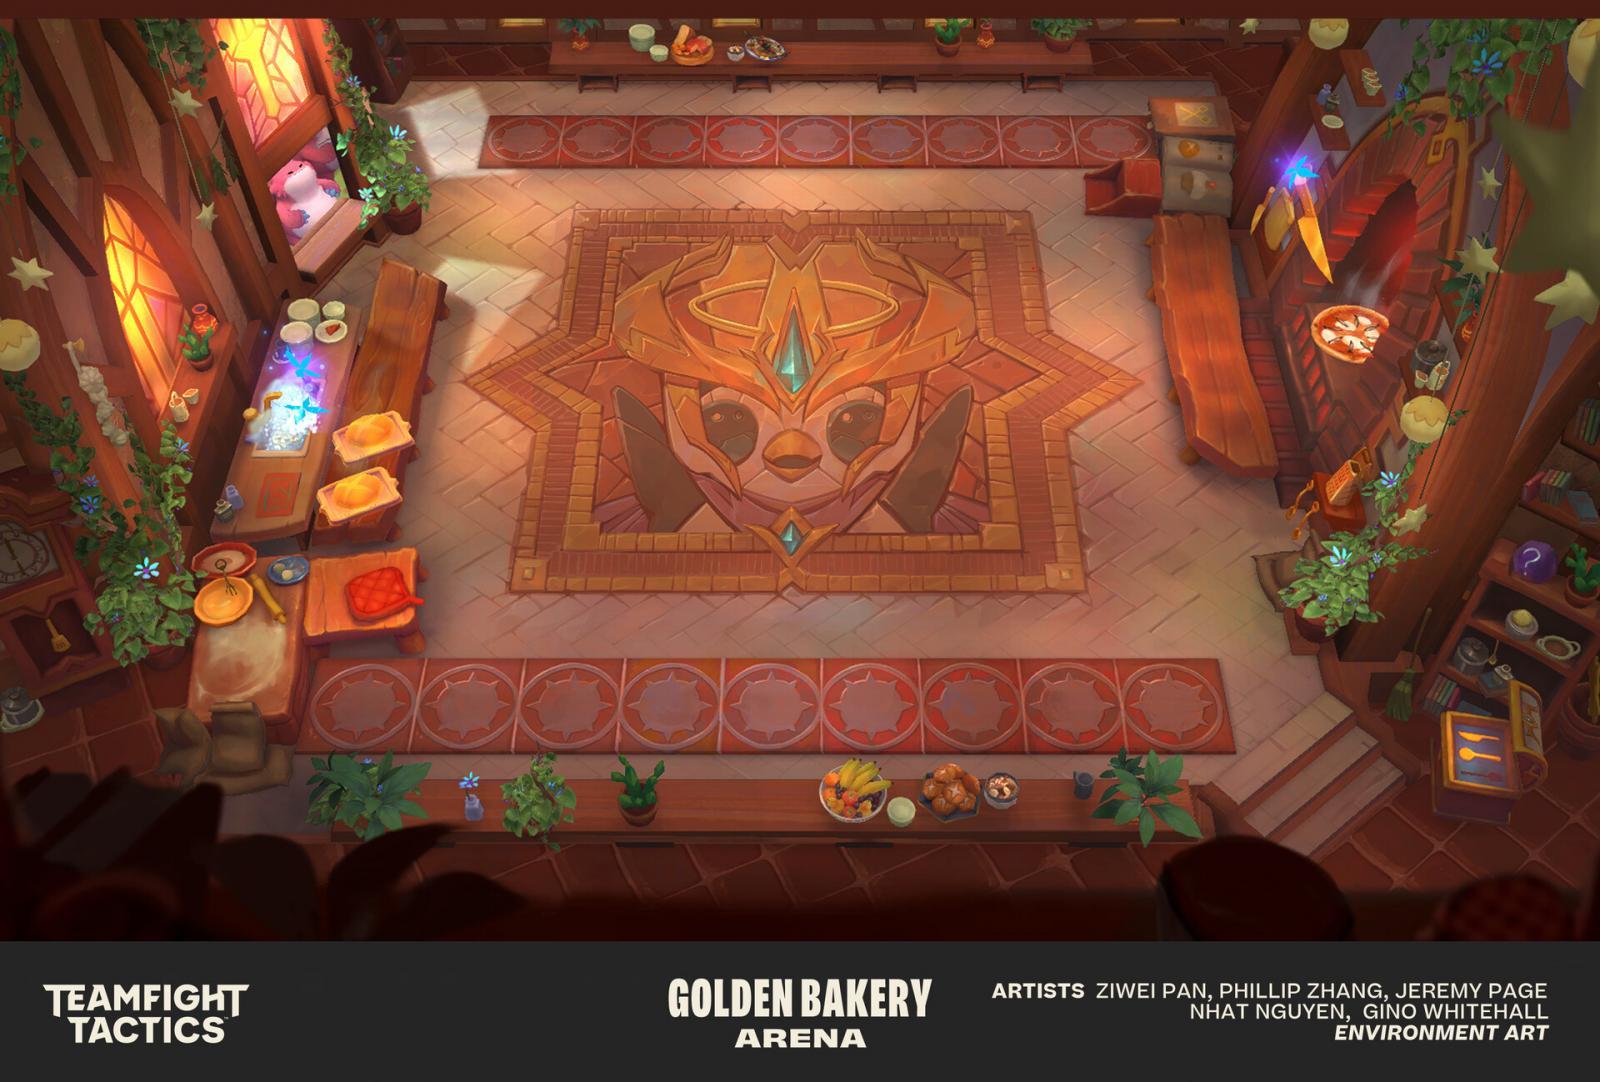 ziwei-pan-arena-screenshot.jpg